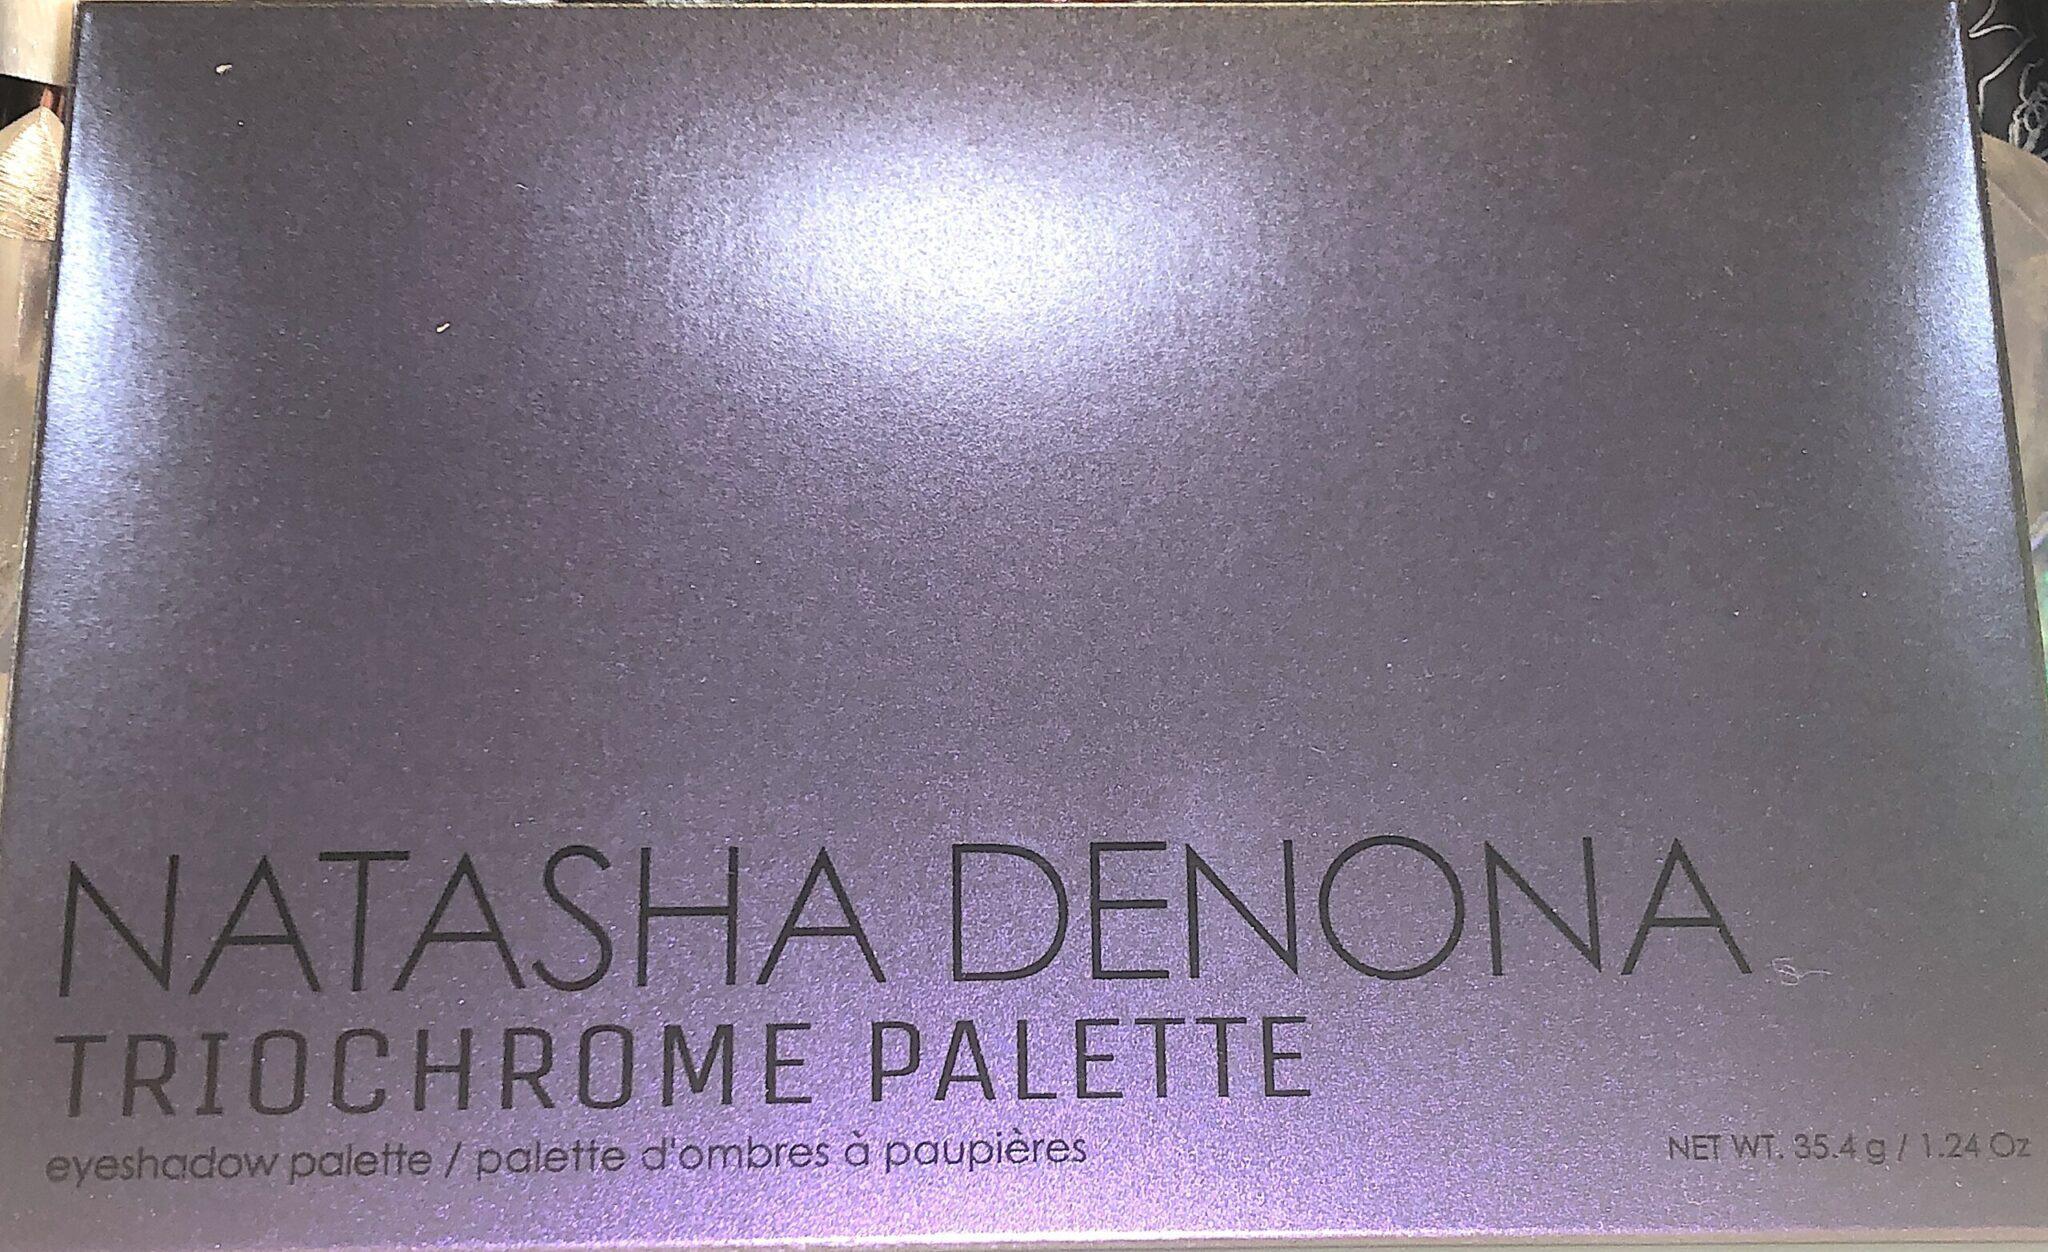 NATASHA DENONA TRIOCHROME PALETTE OUTER BOX